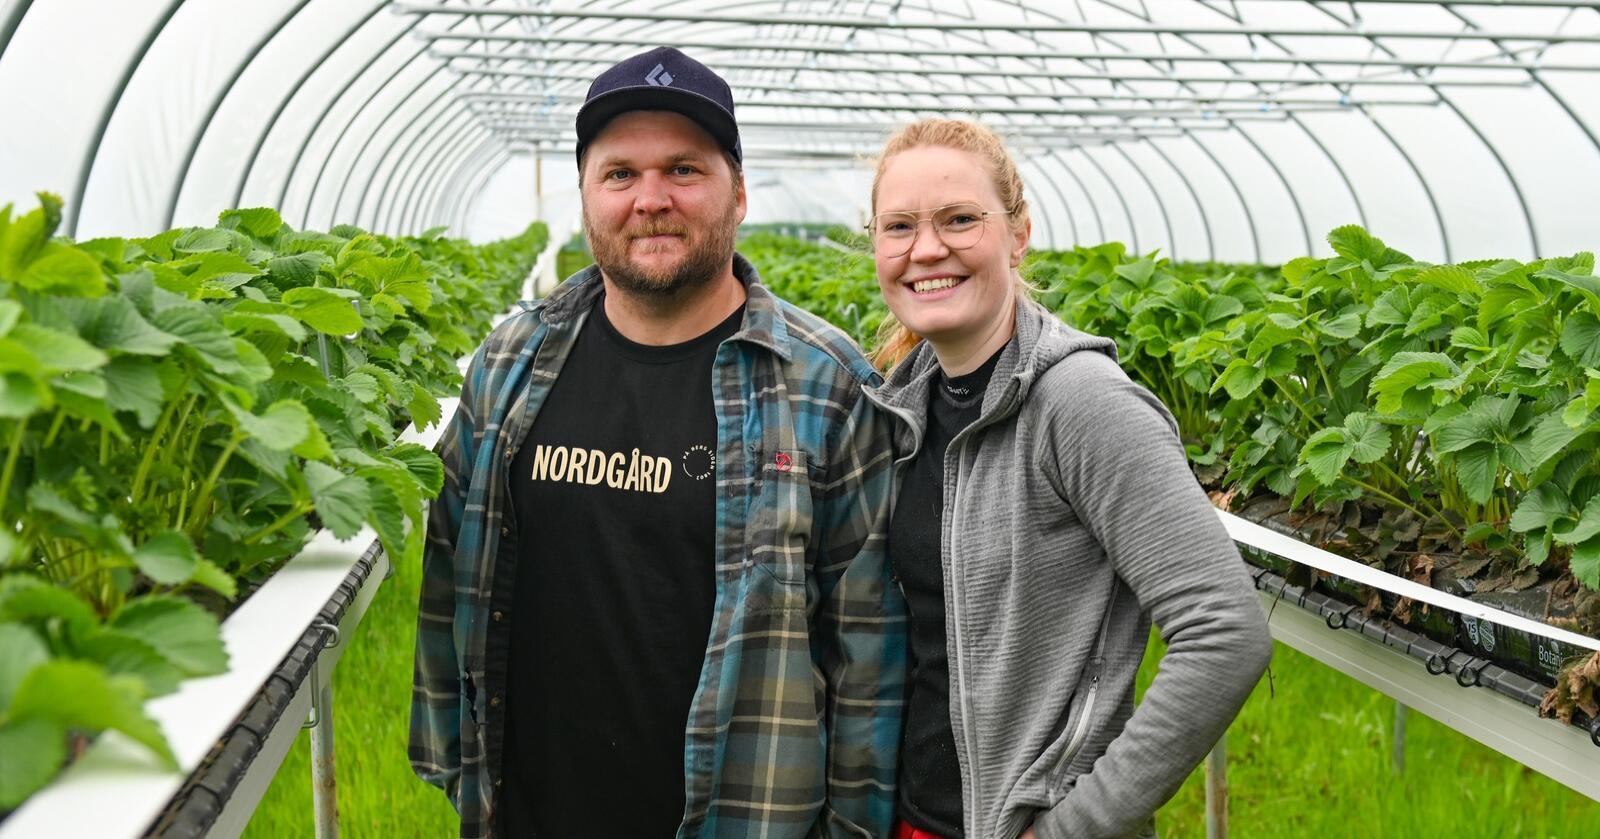 Mikael og Magna Nordgård-Melander ønsker å servere folk i Tromsø ferske jordbær dyrket under midnattssolen. De bruker sortene Sonata og salsa. (Alle foto: Marie Hatlevoll)